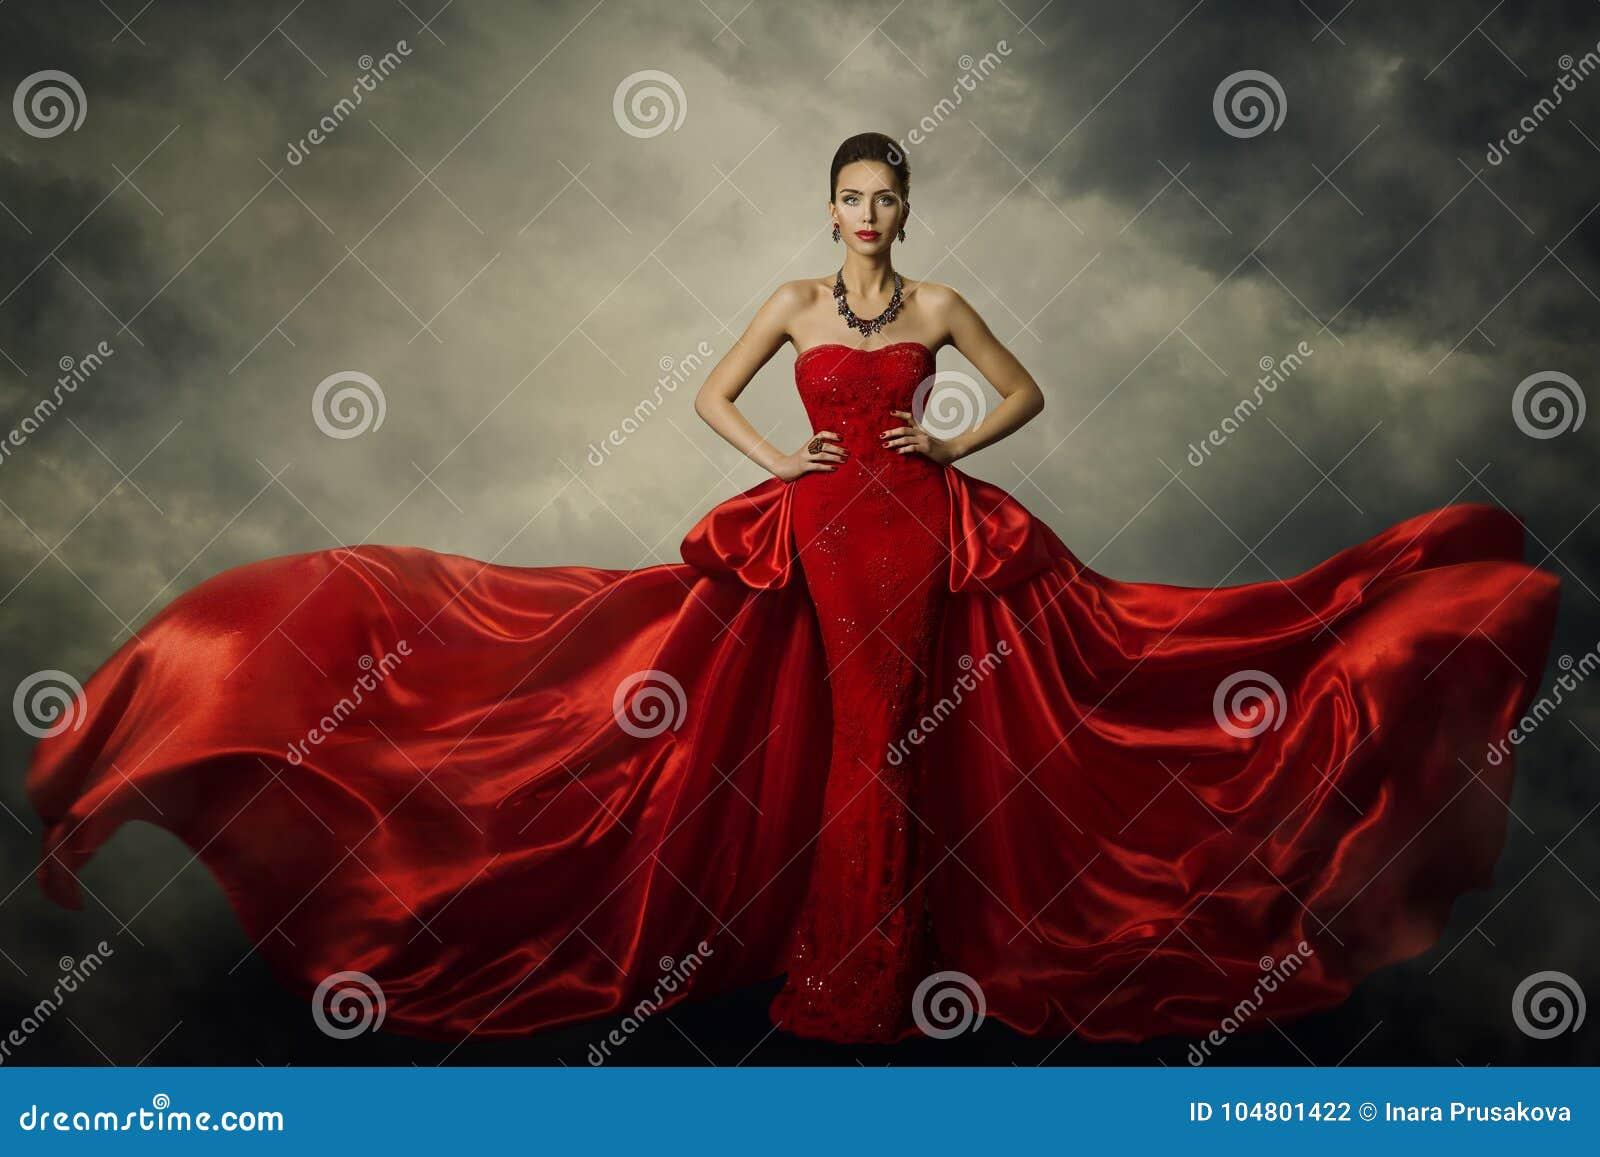 Modelo de moda Art Dress, vestido retro rojo de la mujer elegante